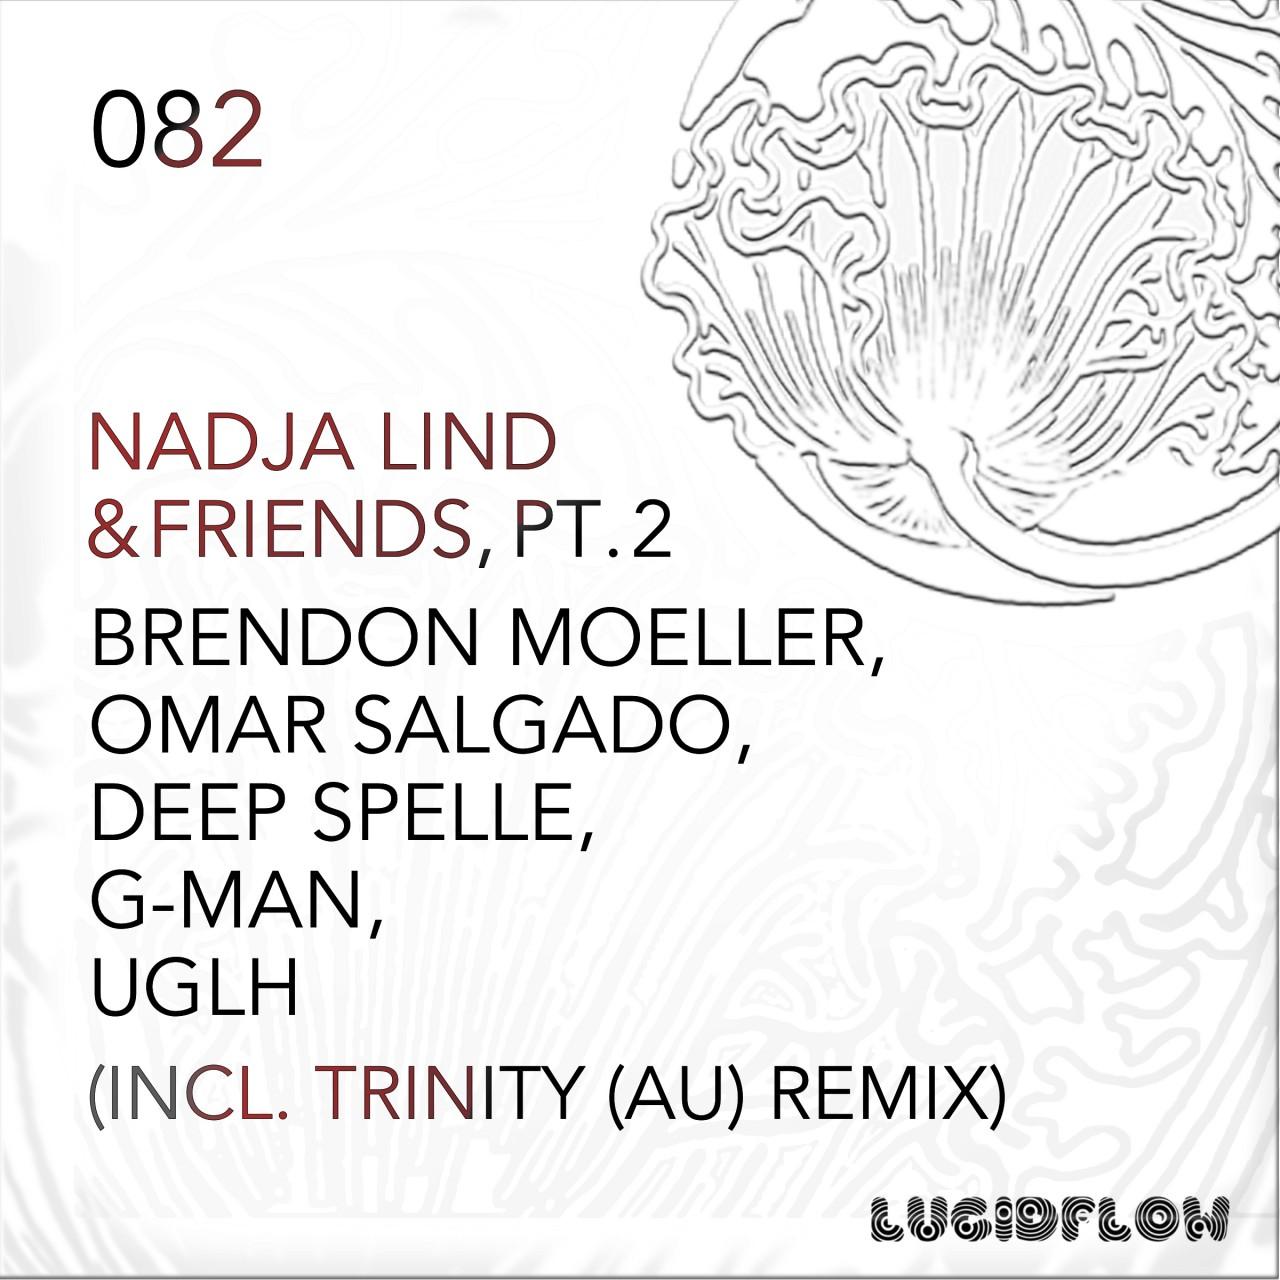 Nadja Lind & Friends 2 (Brendon Moeller, UGLH, G-Man aka LFO, Omar Salgado, Deep Spelle, Trinity (AU)